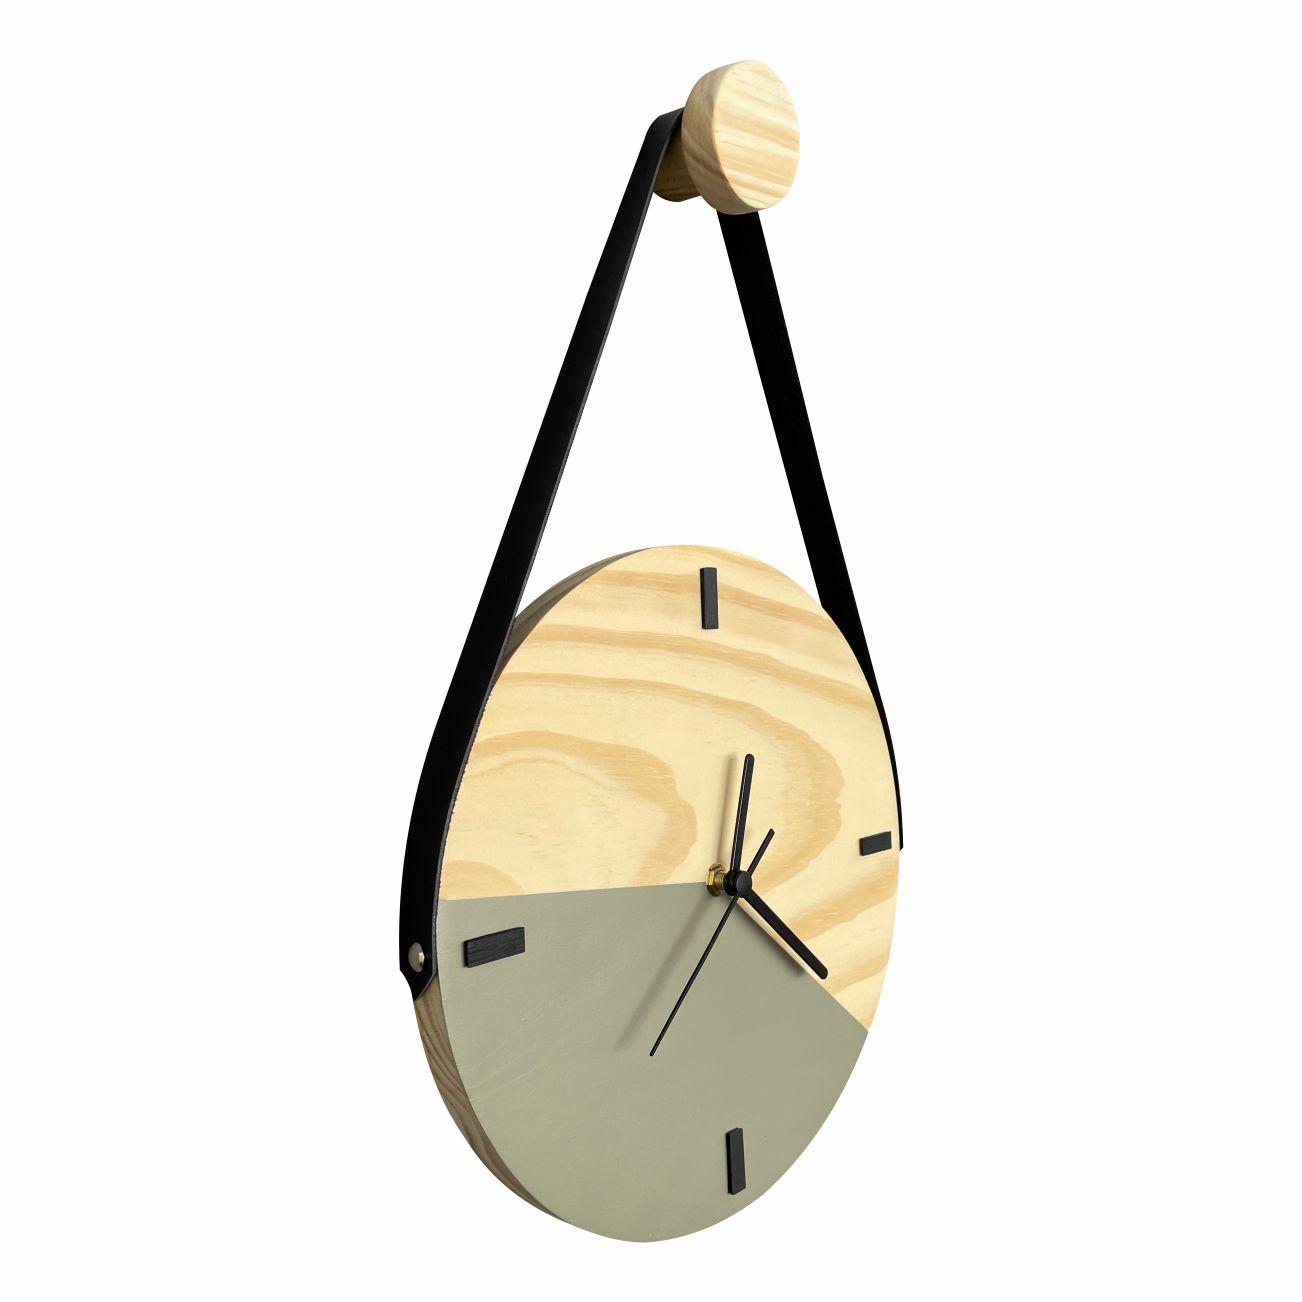 Relógio de Parede Escandinavo Cinza Concreto com Alça + Cabide Pendurador